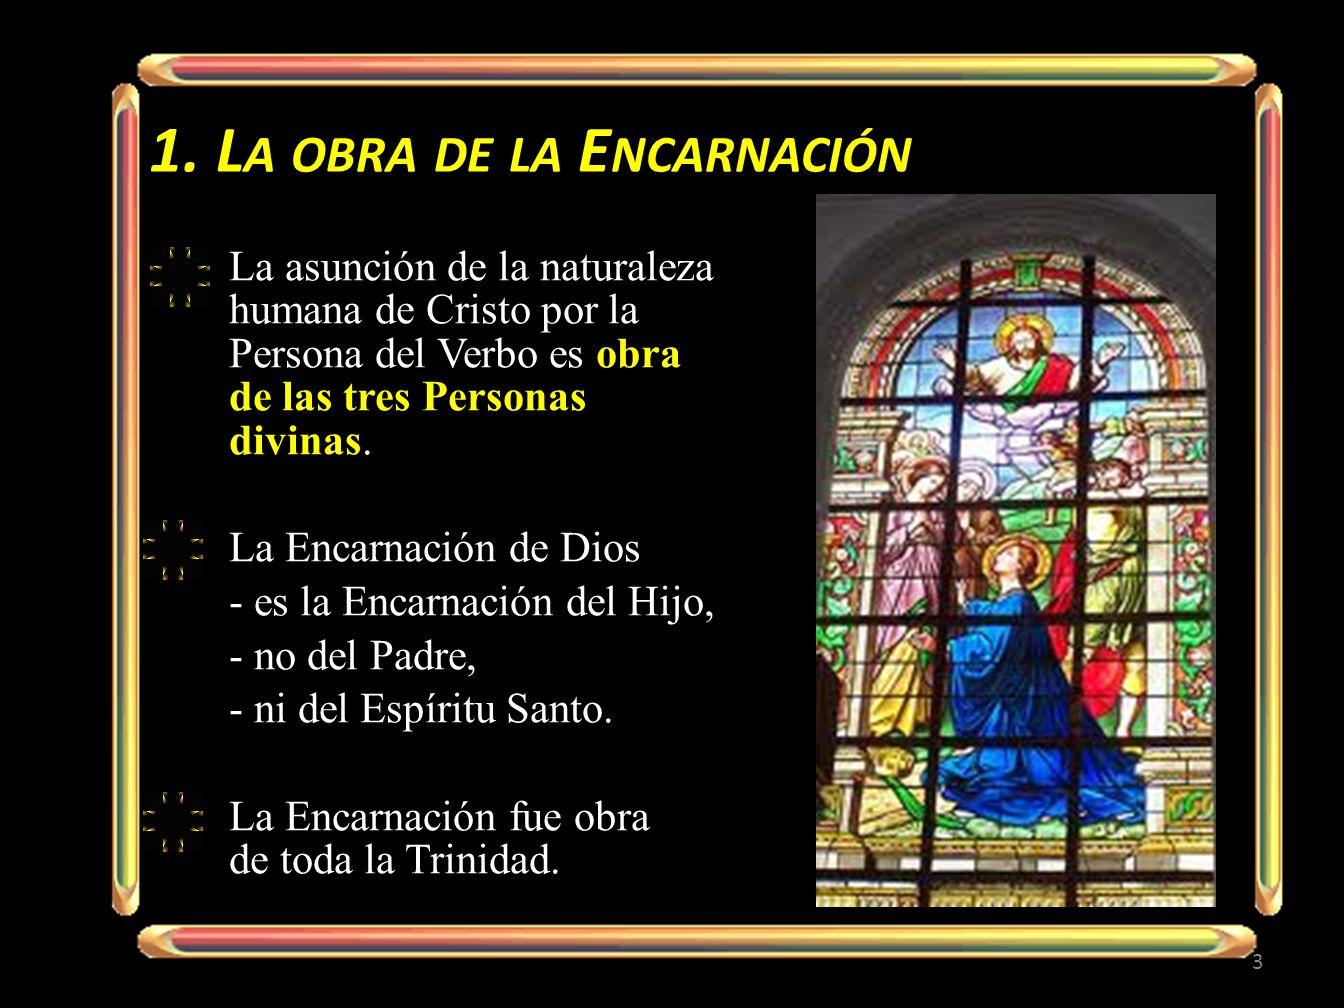 En efecto, en Israel eran ungidos en el nombre de Dios los que le eran consagrados para una misión que habían recibido de Él.